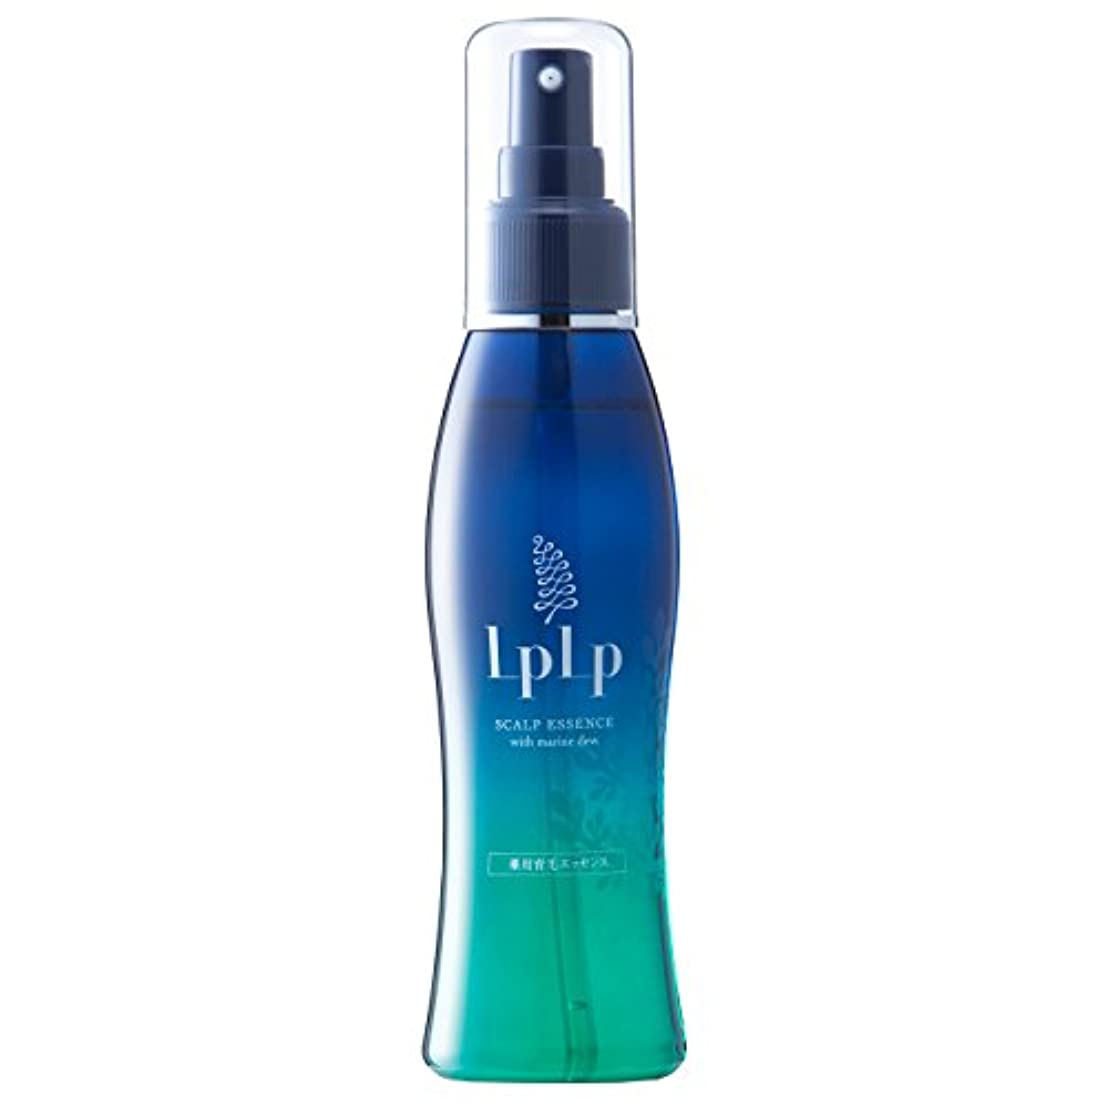 麻酔薬タンザニア乱れLPLP(ルプルプ) 薬用育毛エッセンス 150ml (医薬部外品)